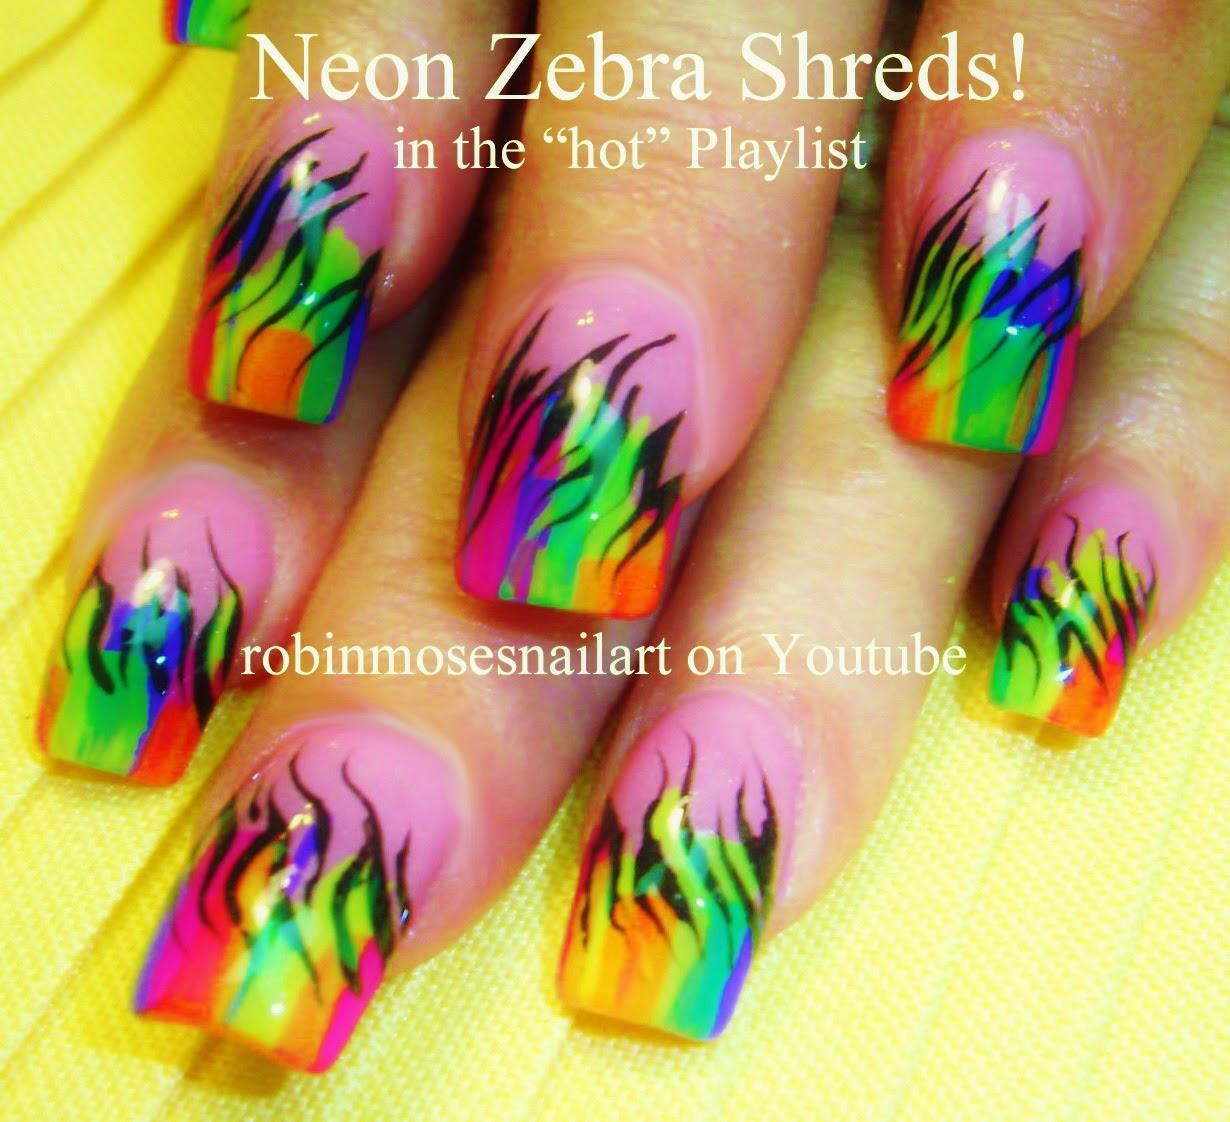 Do it yourself nail art minis rainbow brights crayola crayon nail robin moses nail art may view images solutioingenieria Images